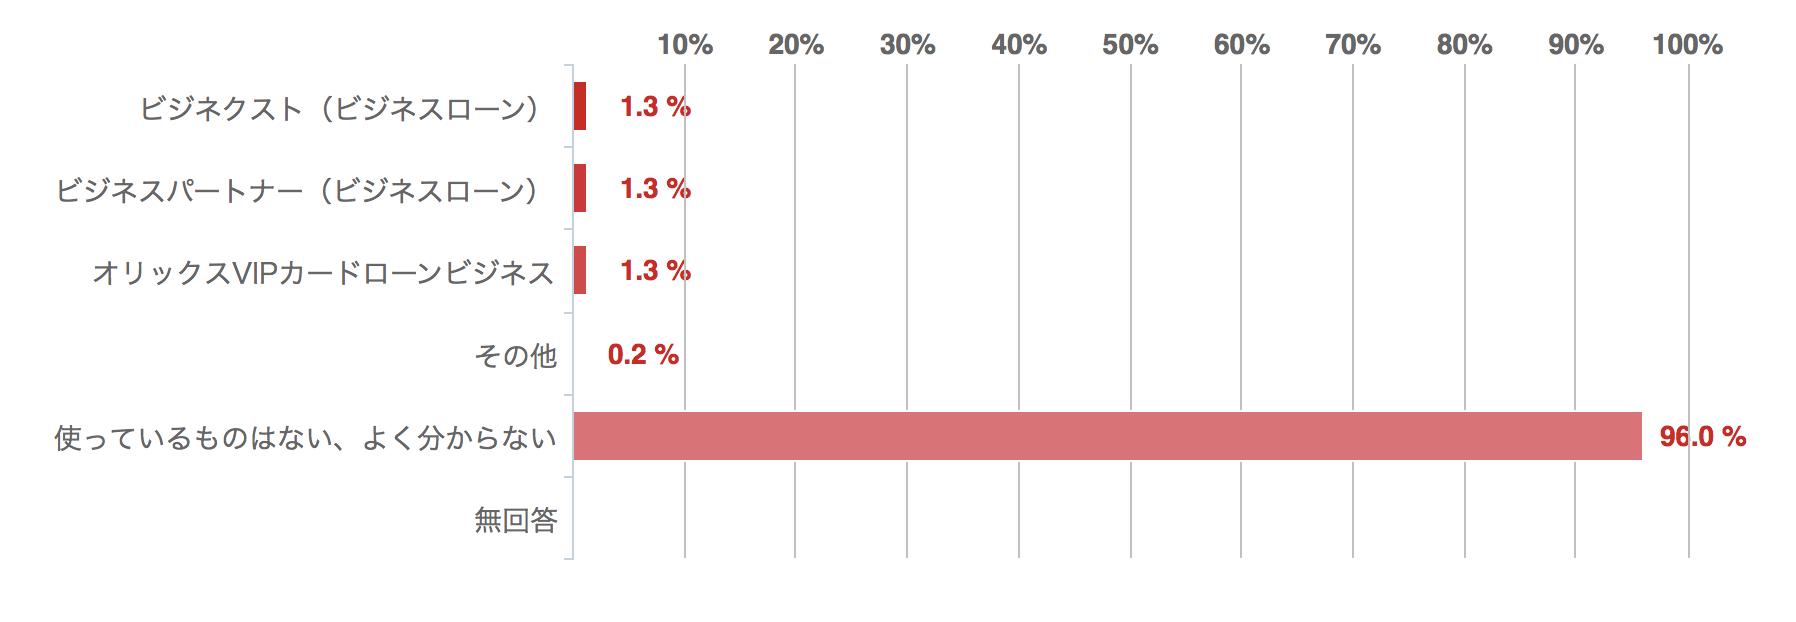 現在使用中のビジネスローンがあれば教えてください、回答グラフ